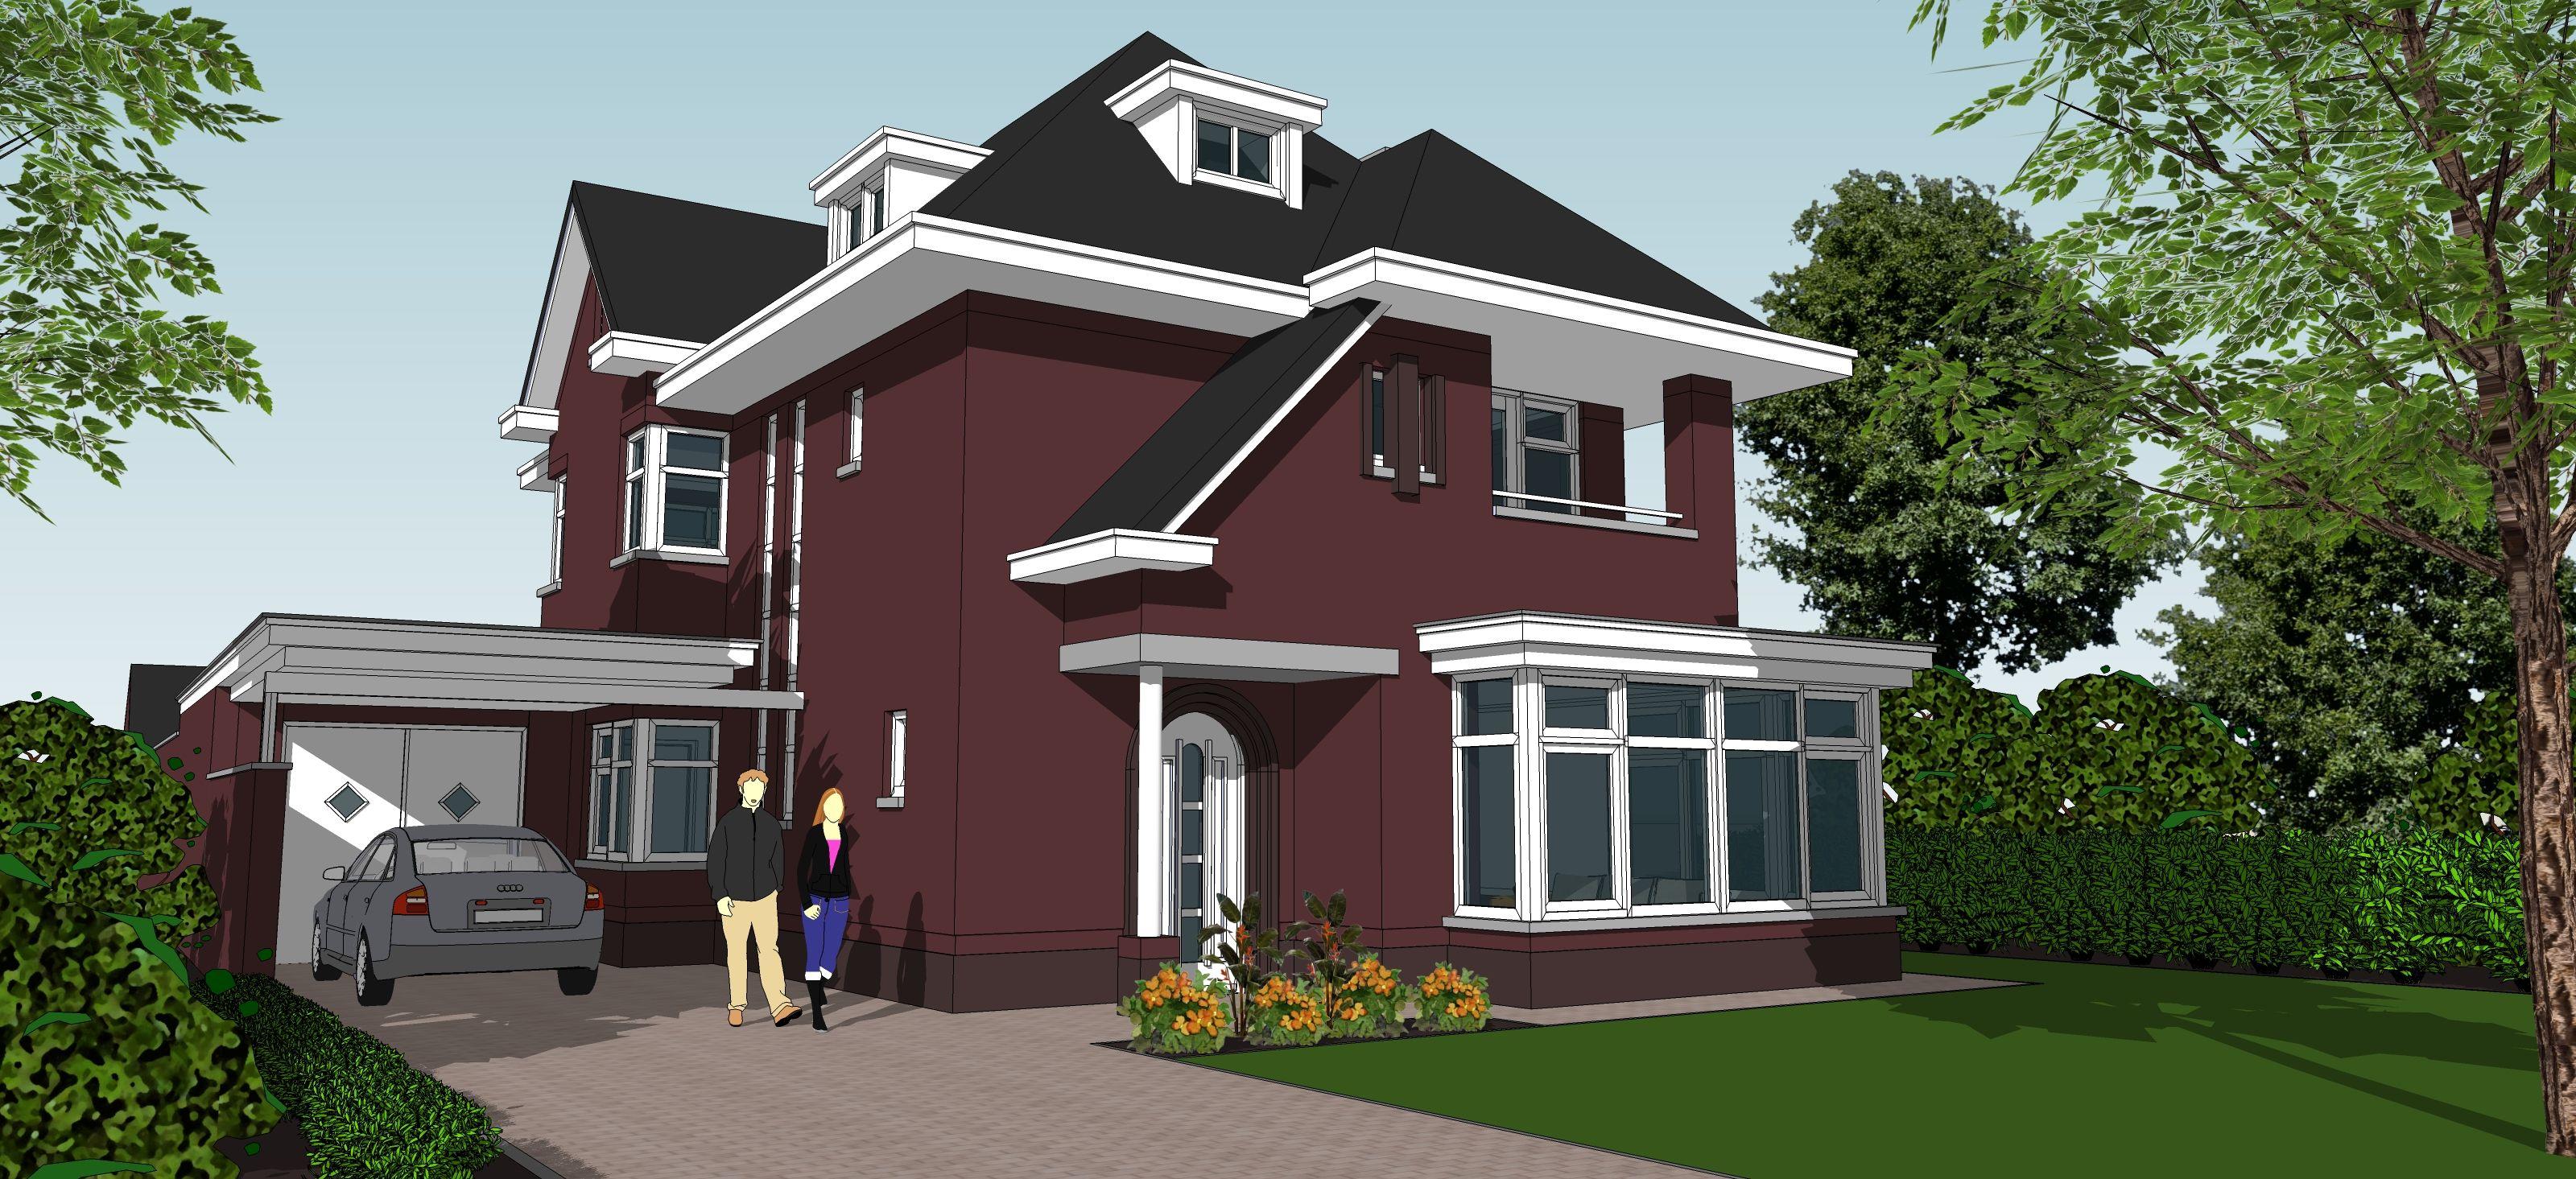 Zelf bouwen en hulp nodig contact schaepers bouwontwerp for Inspiratie huizen